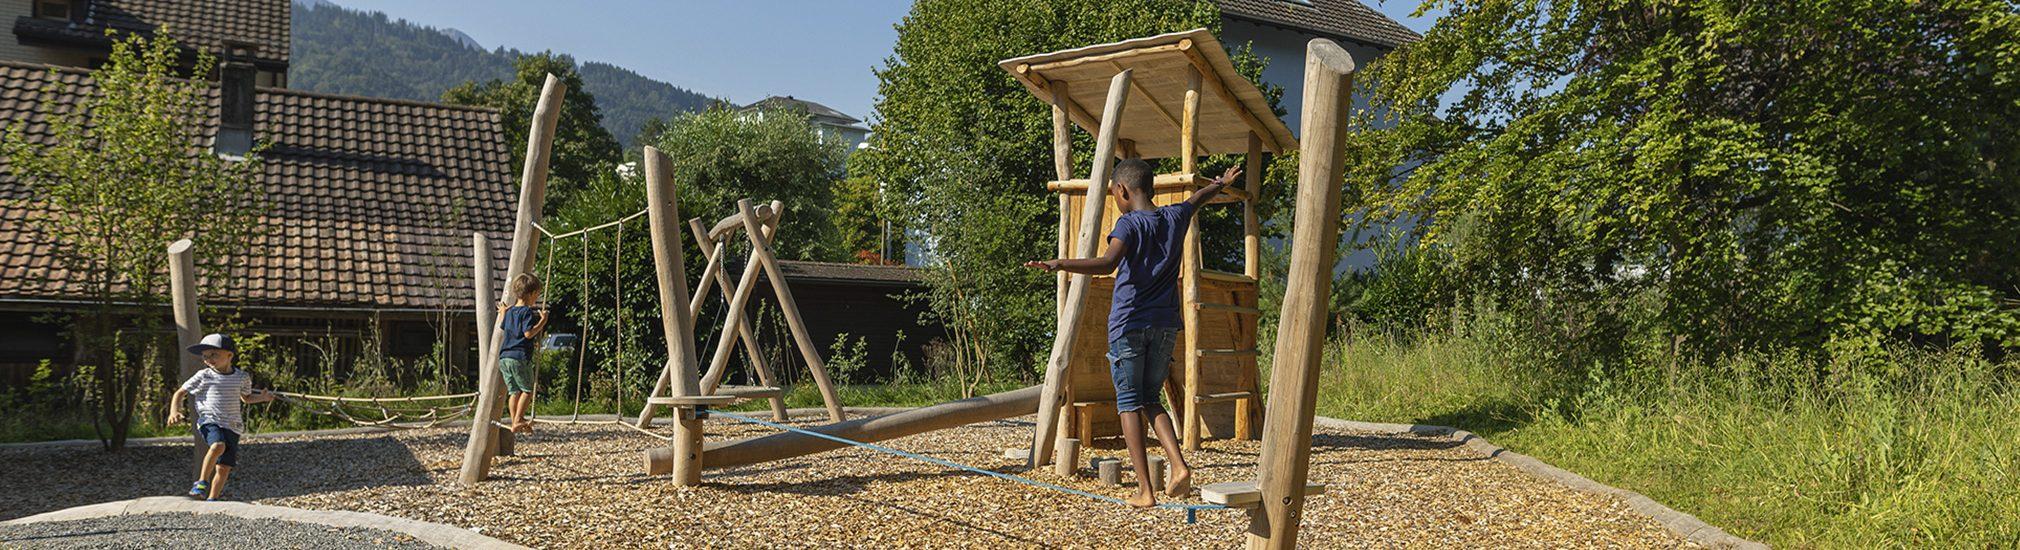 Amstutz Gartenbau AG, Projekte, Spielplaetze